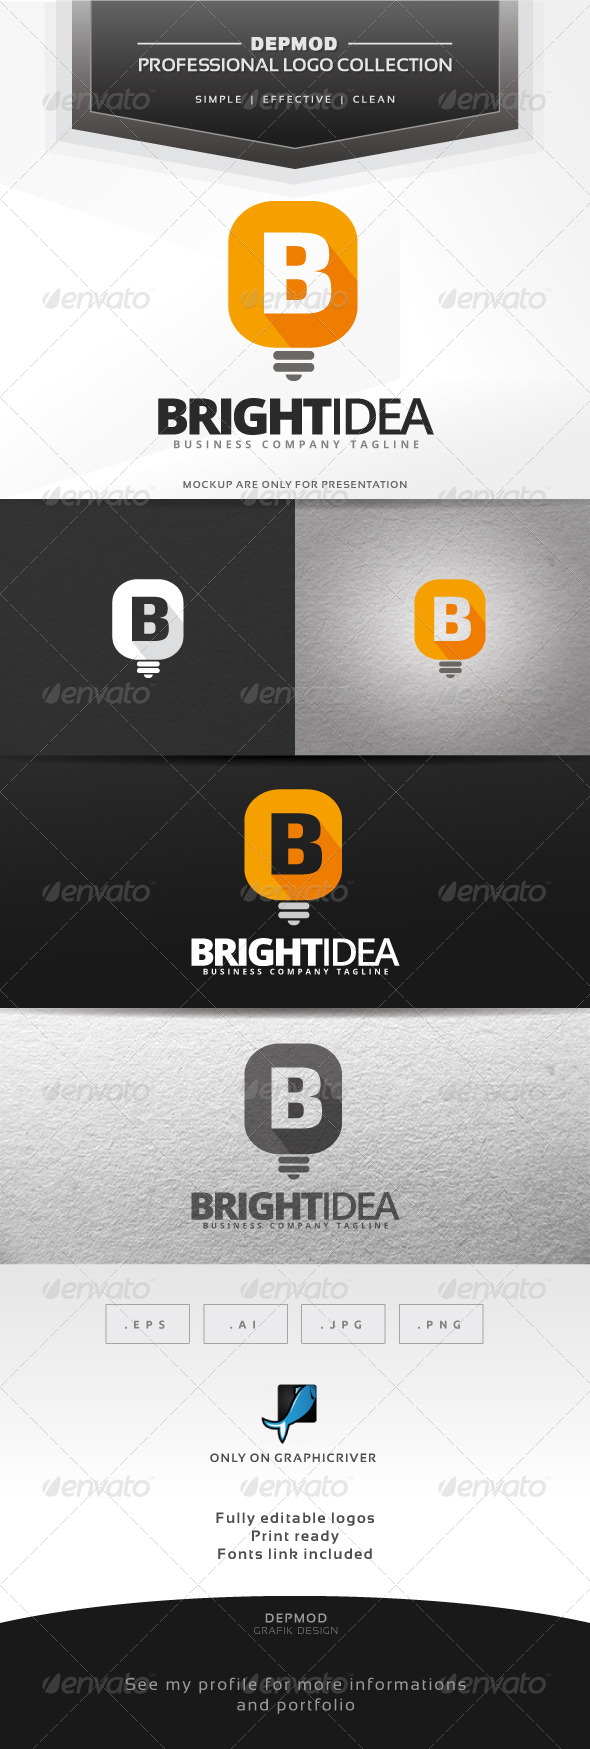 GraphicRiver Bright Idea Logo 6991820